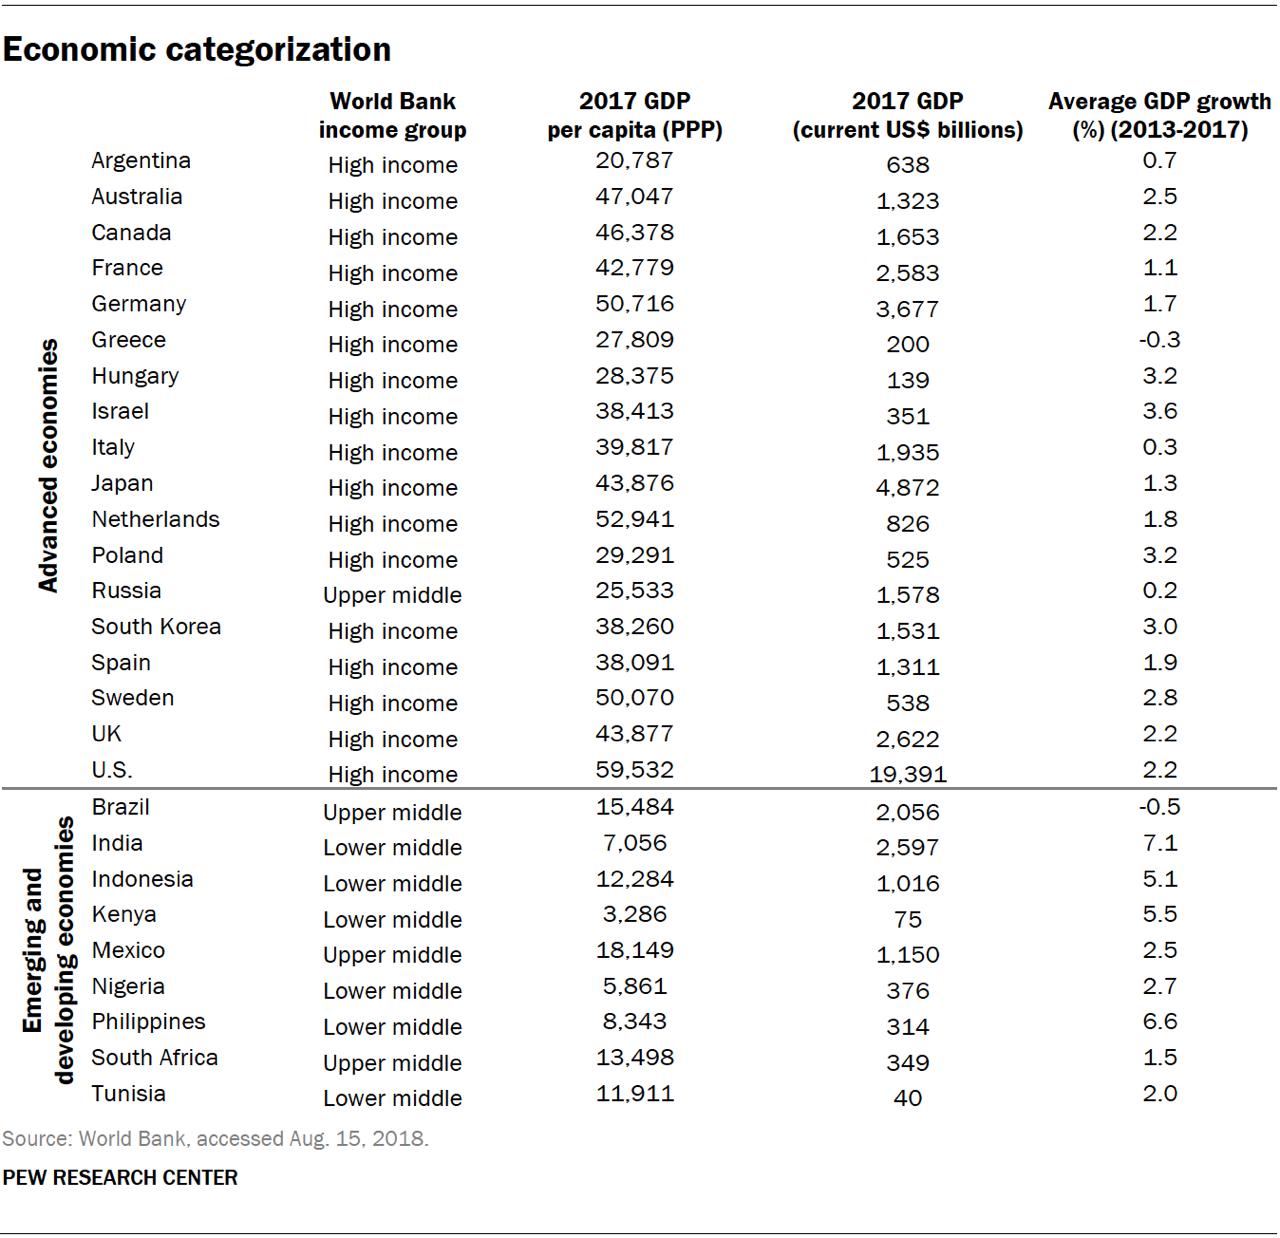 Таблица стран с развитой и развивающейся экономиками согласно классификации Всемирного Банка, август 2018